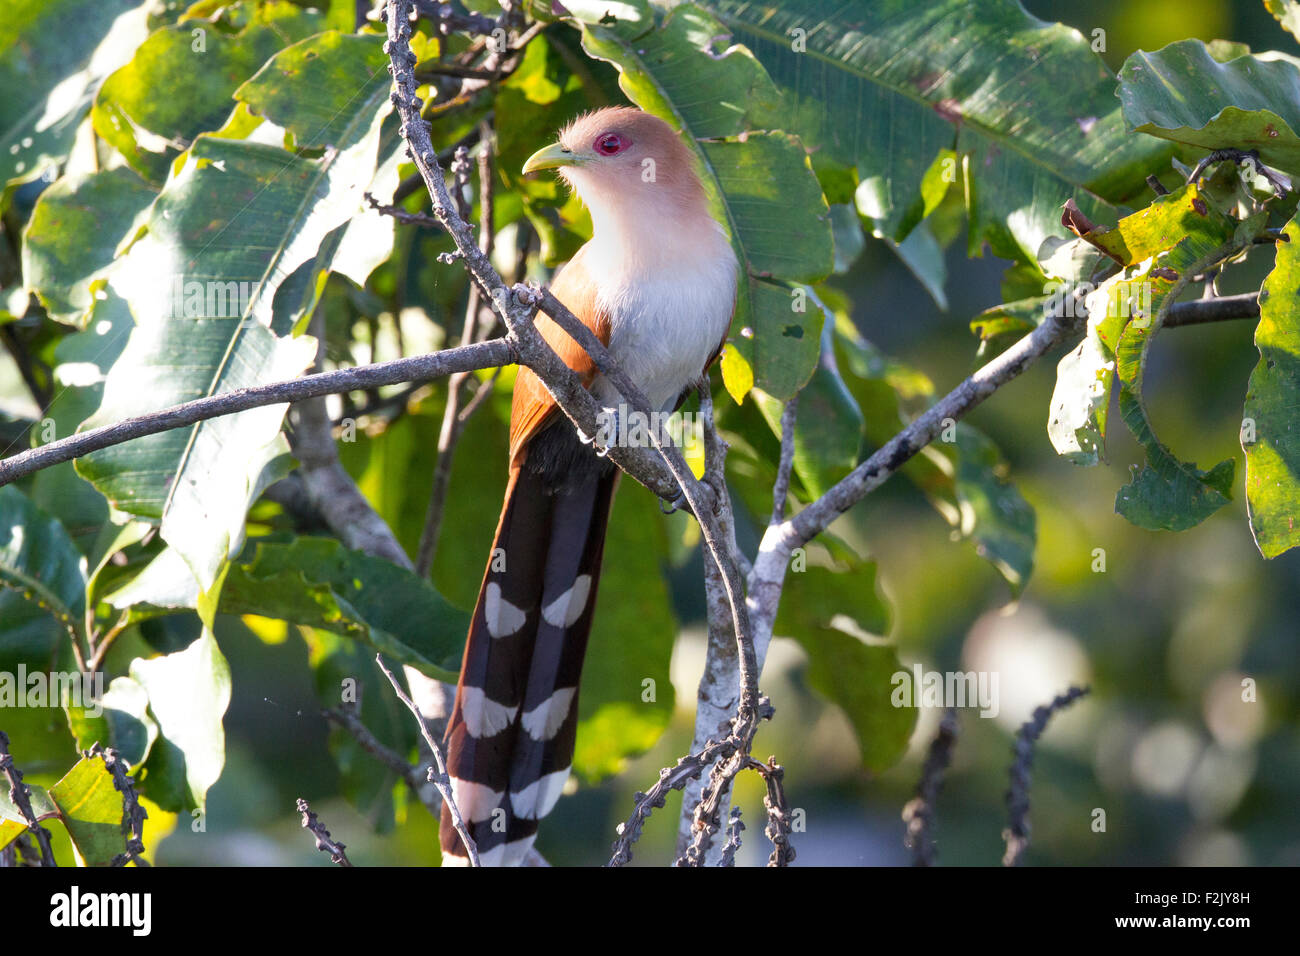 Piaya cayana squirrel cuckoo, dans la région de Tambopata le bassin amazonien du Pérou Photo Stock